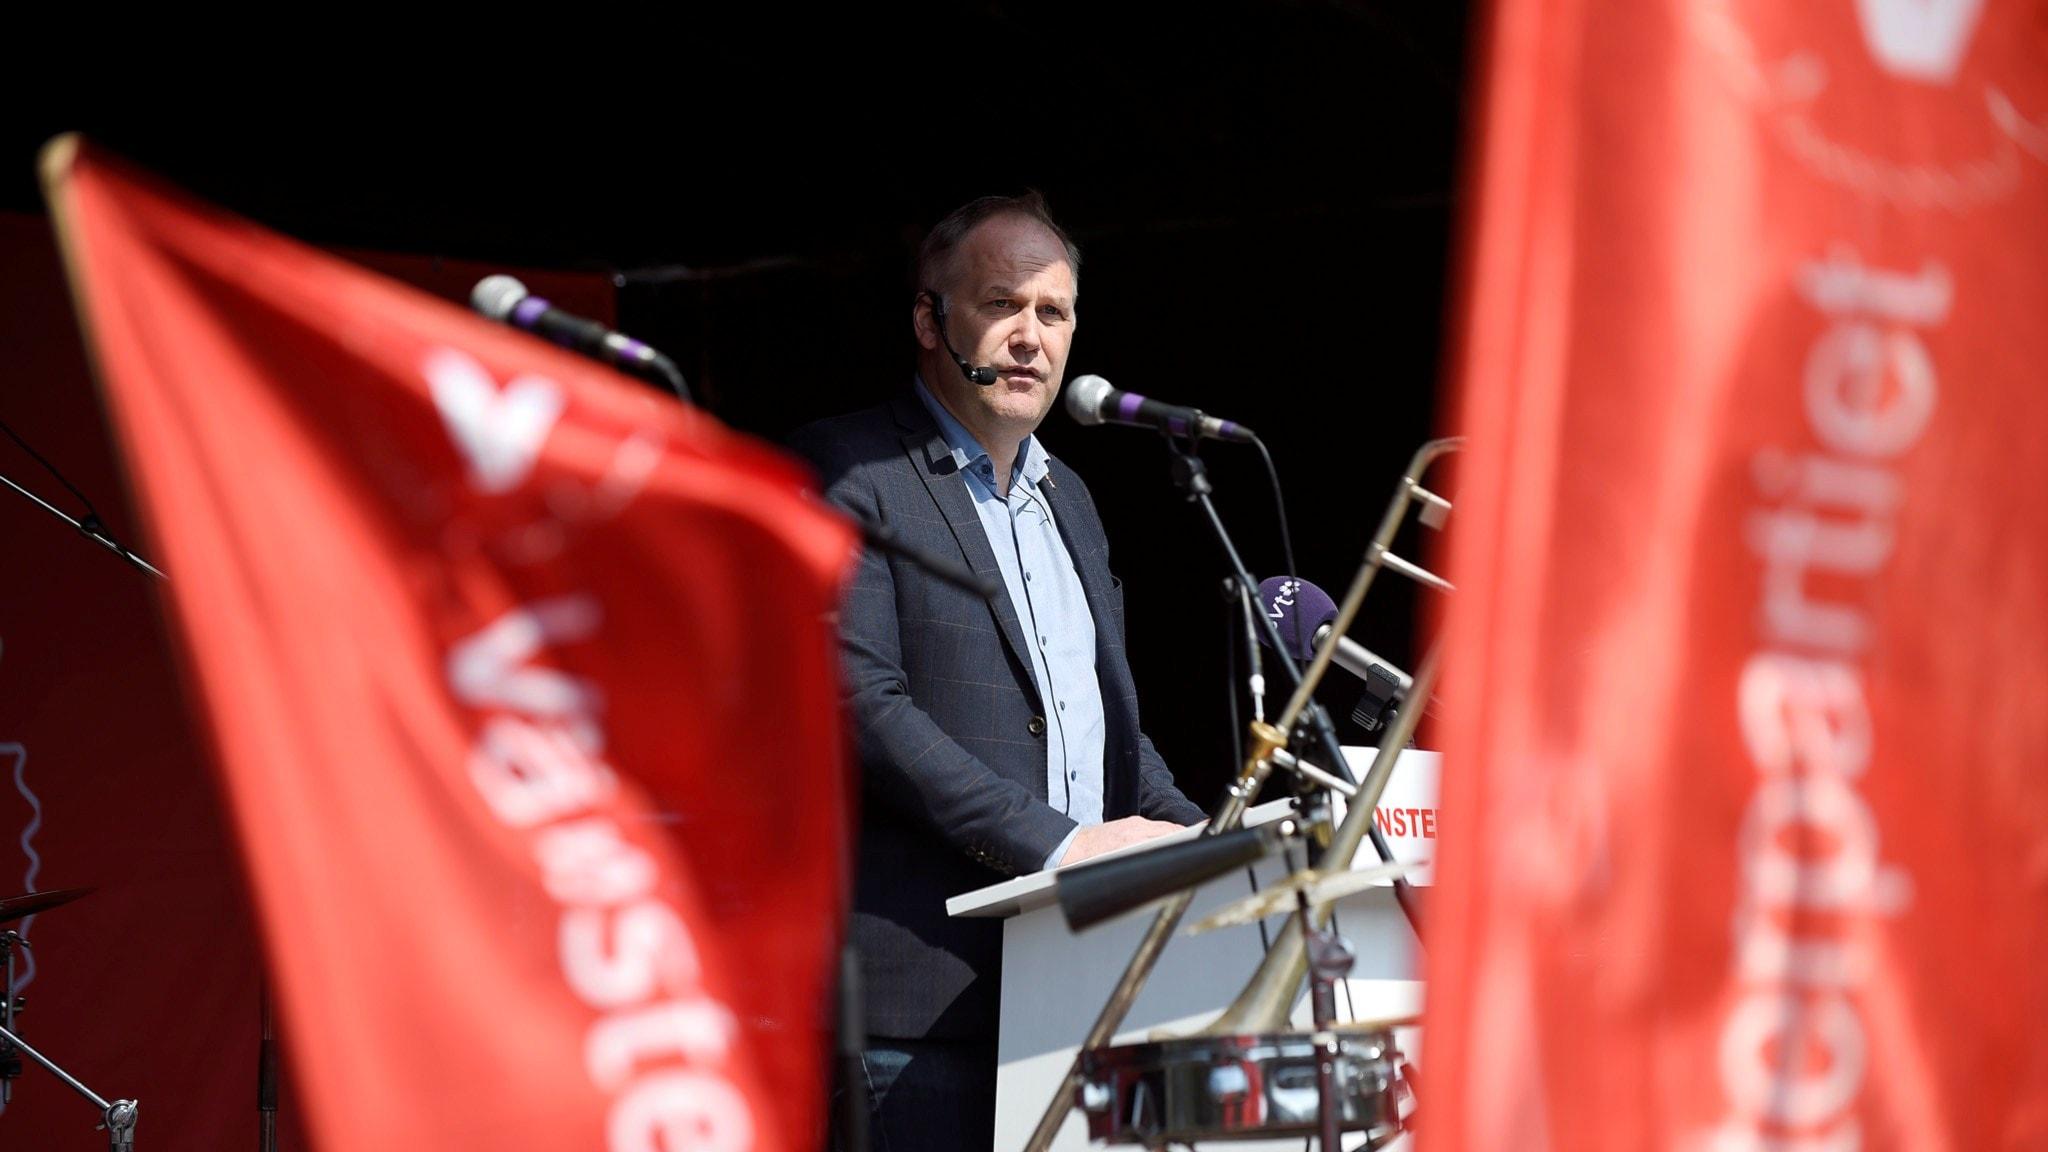 Vänsterpartiets ledare Jonas Sjöstedt talade i Malmö. Foto: Björn Lindgren/TT